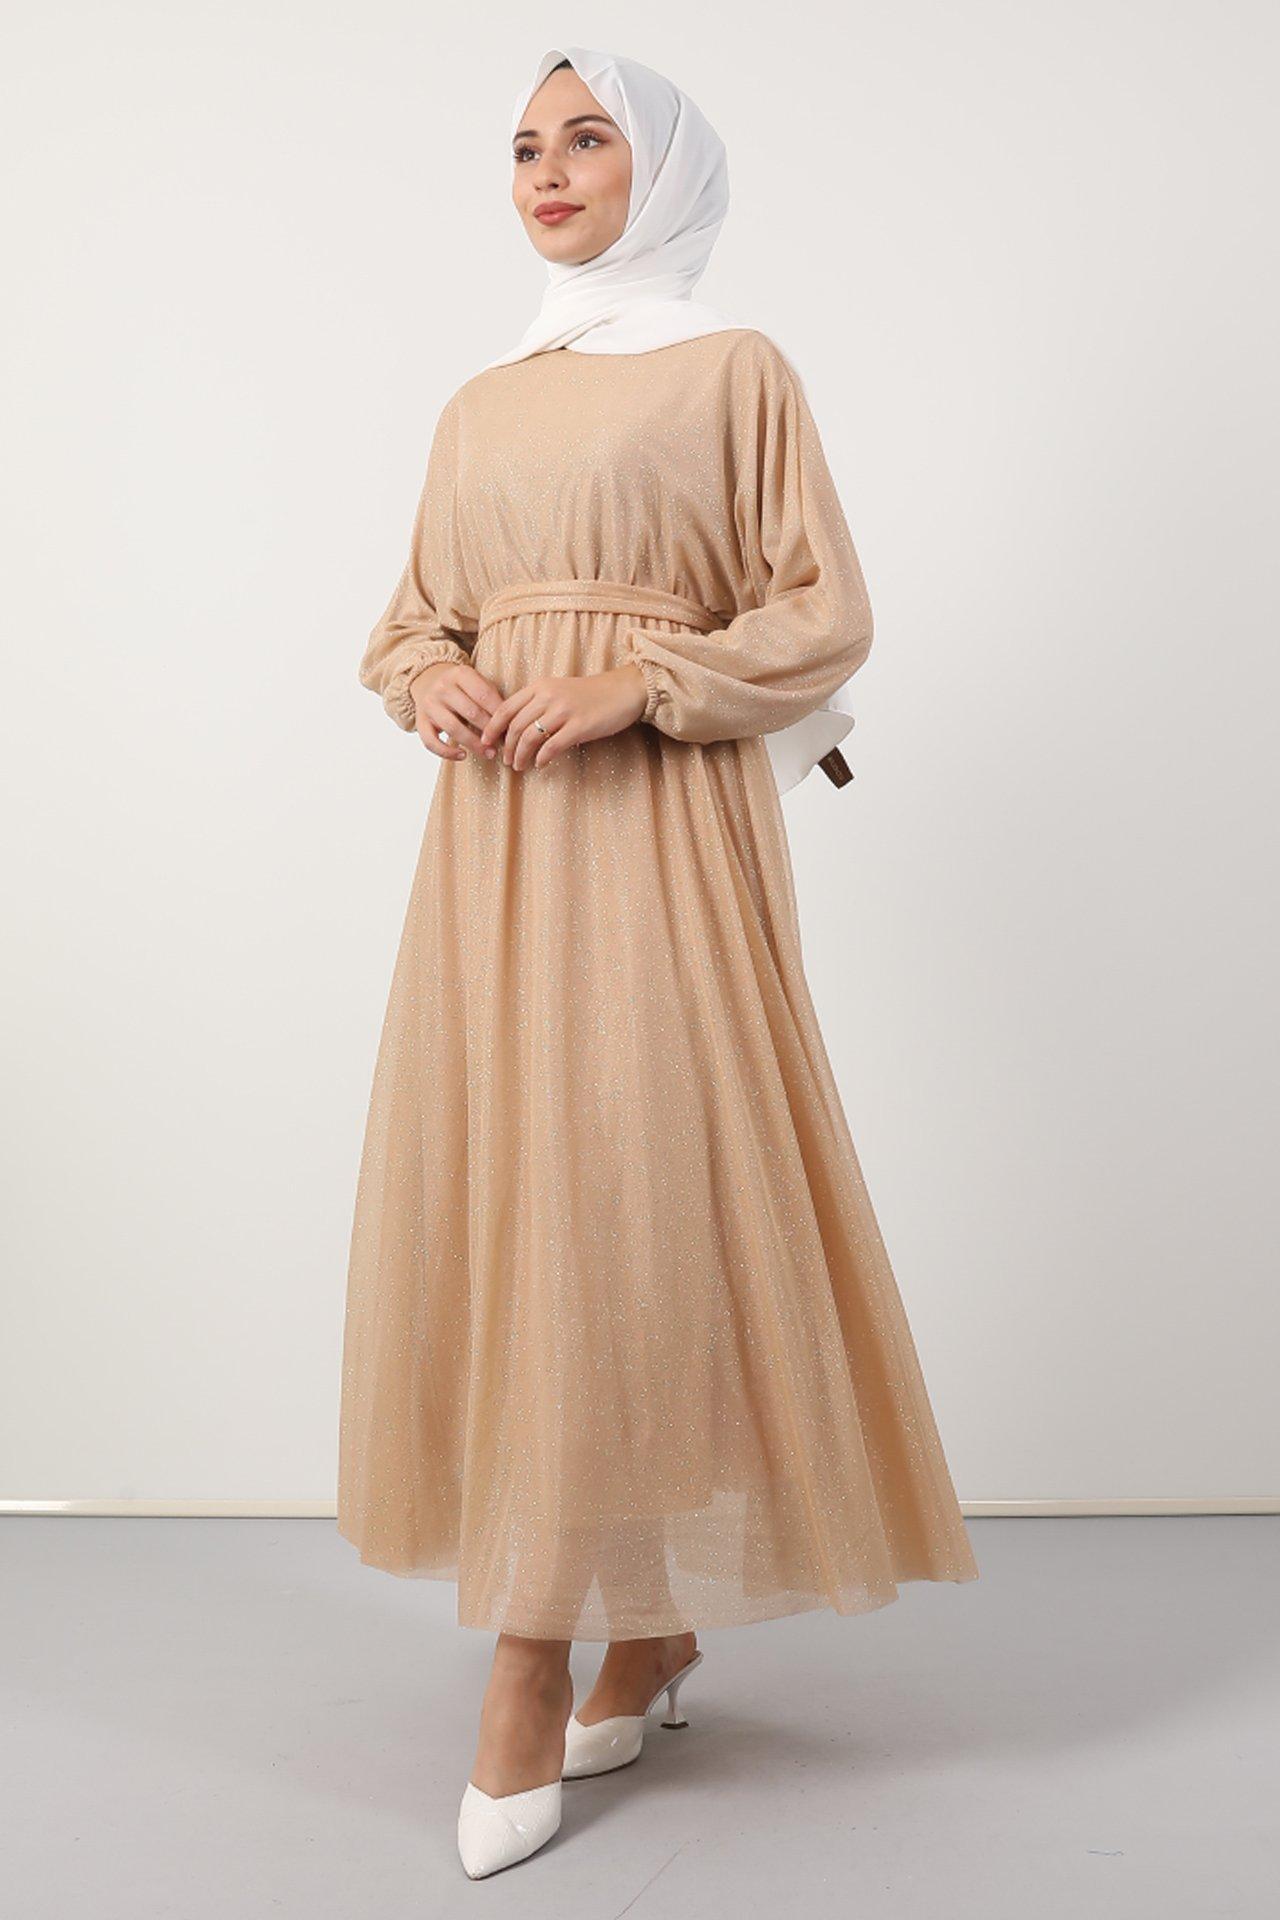 GİZAGİYİM - Simli Şifon Elbise Bal köpüğü